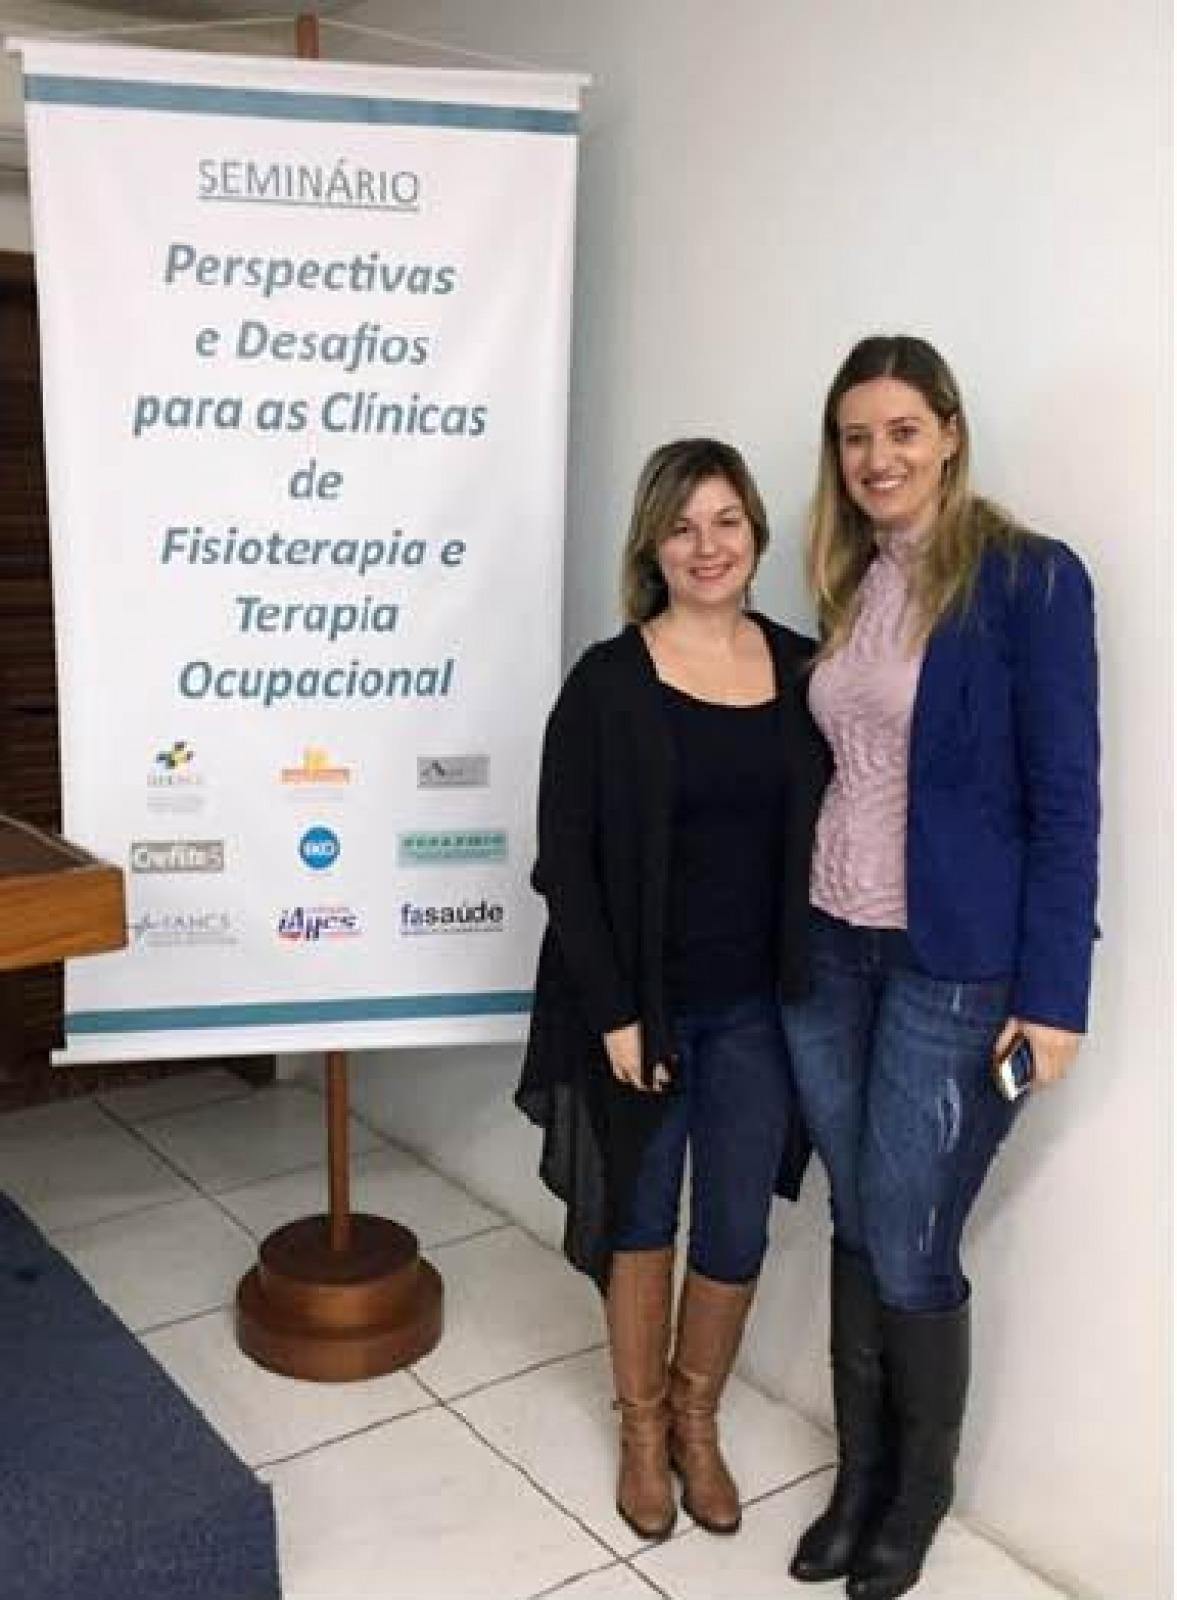 Seminário: Perspectivas e Desafios para as Clinicas de Fisioterapia e Terapia Ocupacional